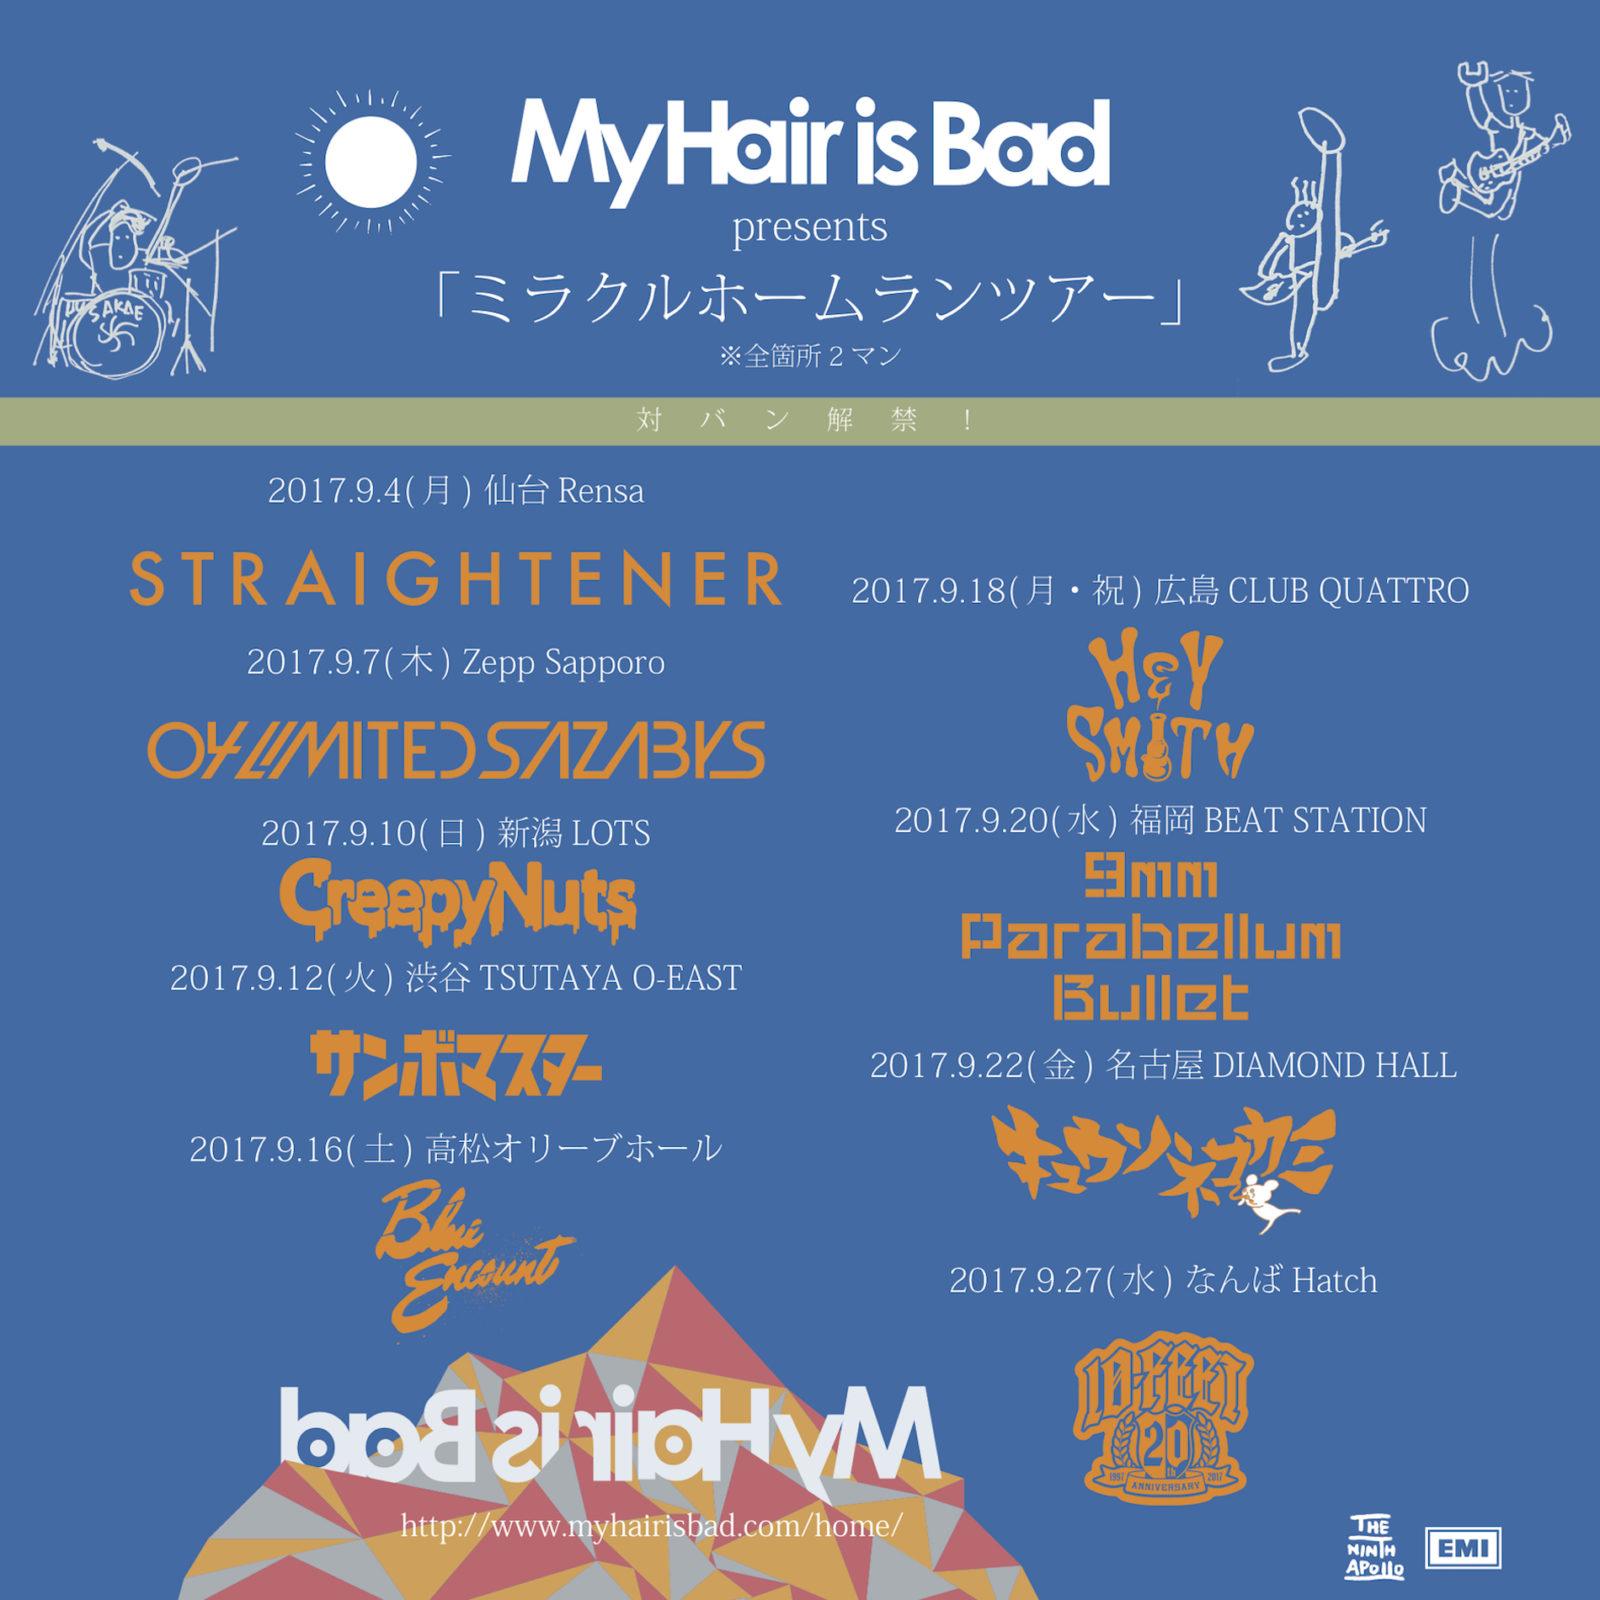 My Hair is Bad 全国2マンツアー「ミラクルホームランツアー」の対バンがついに解禁にサムネイル画像